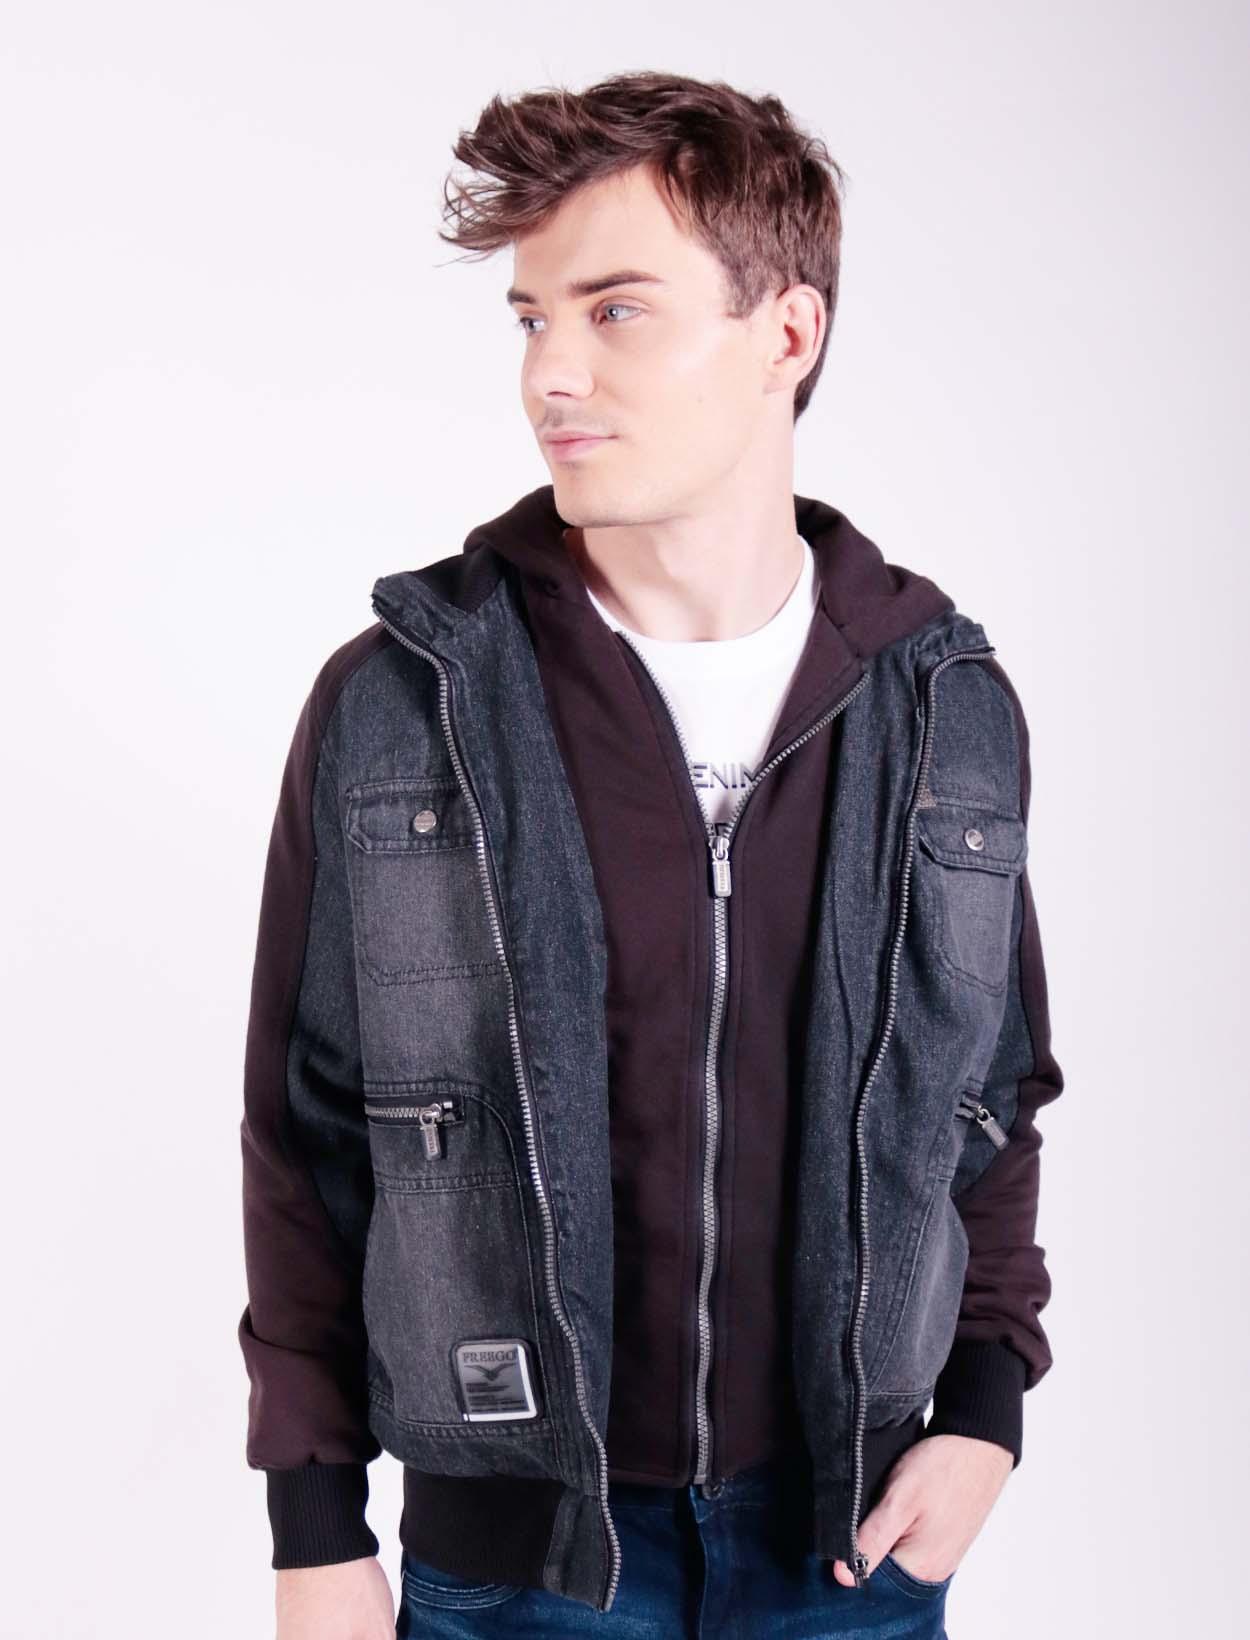 c9721fcb8 Denim Jackets for Men for sale - Mens Denim Jackets online brands ...